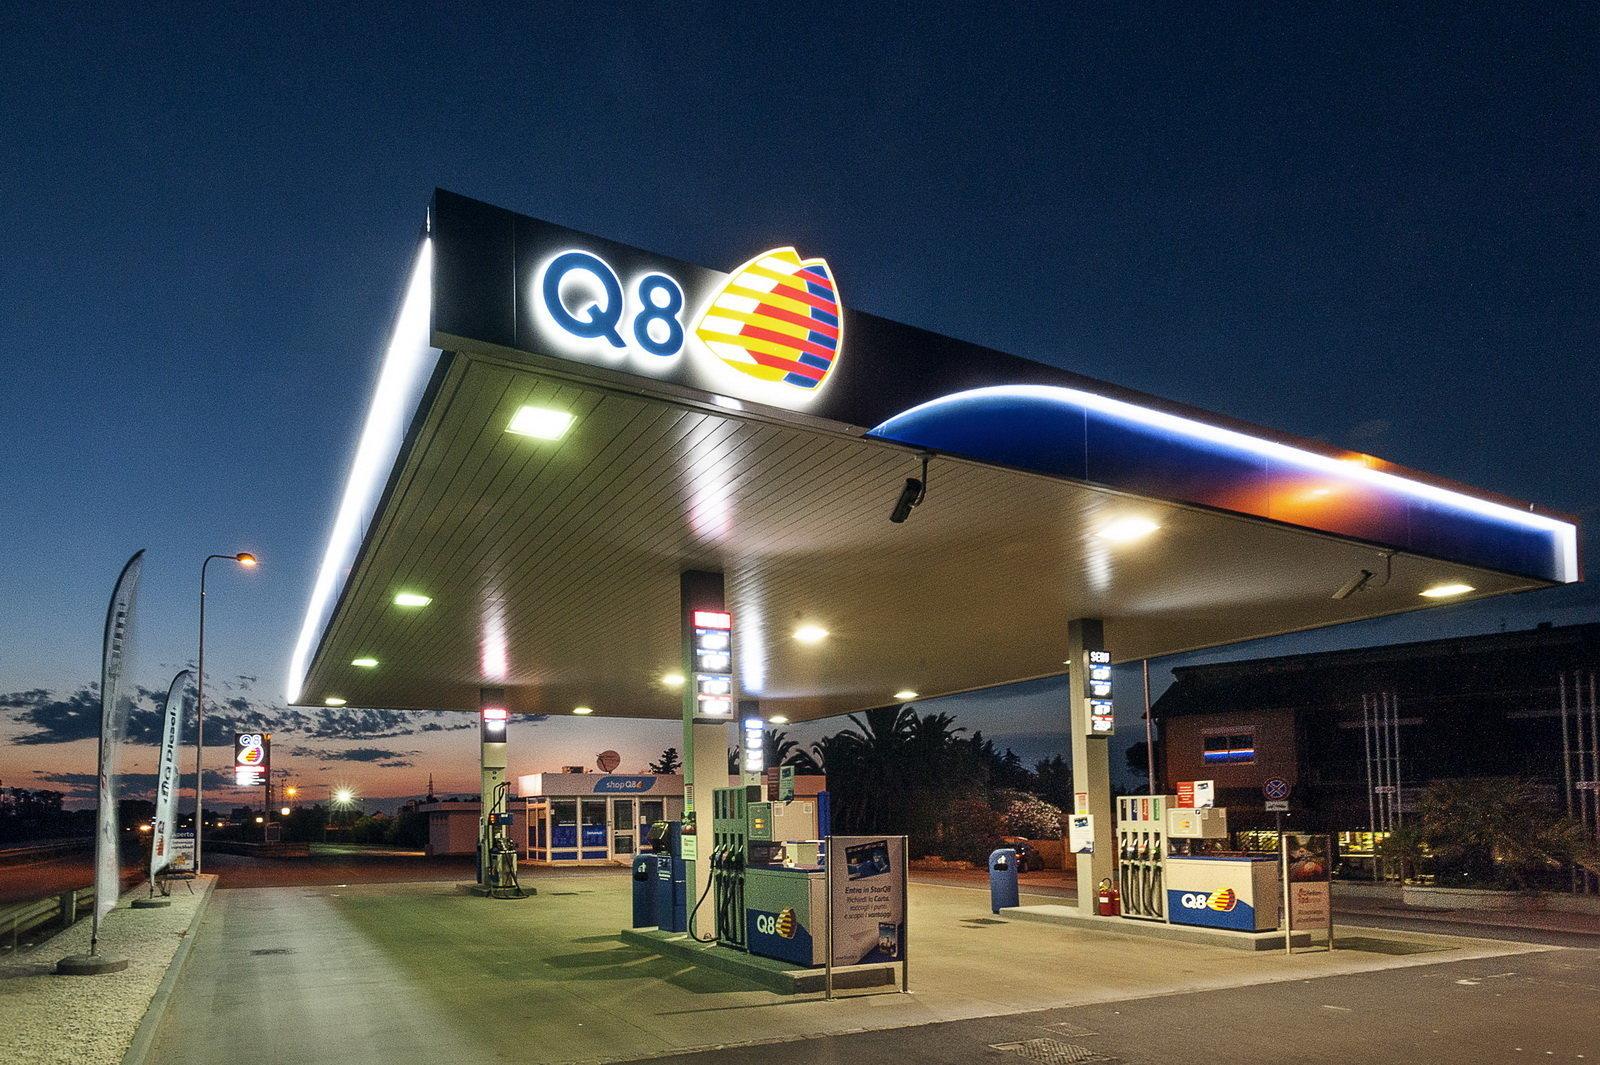 q8-stazione-servizio_1